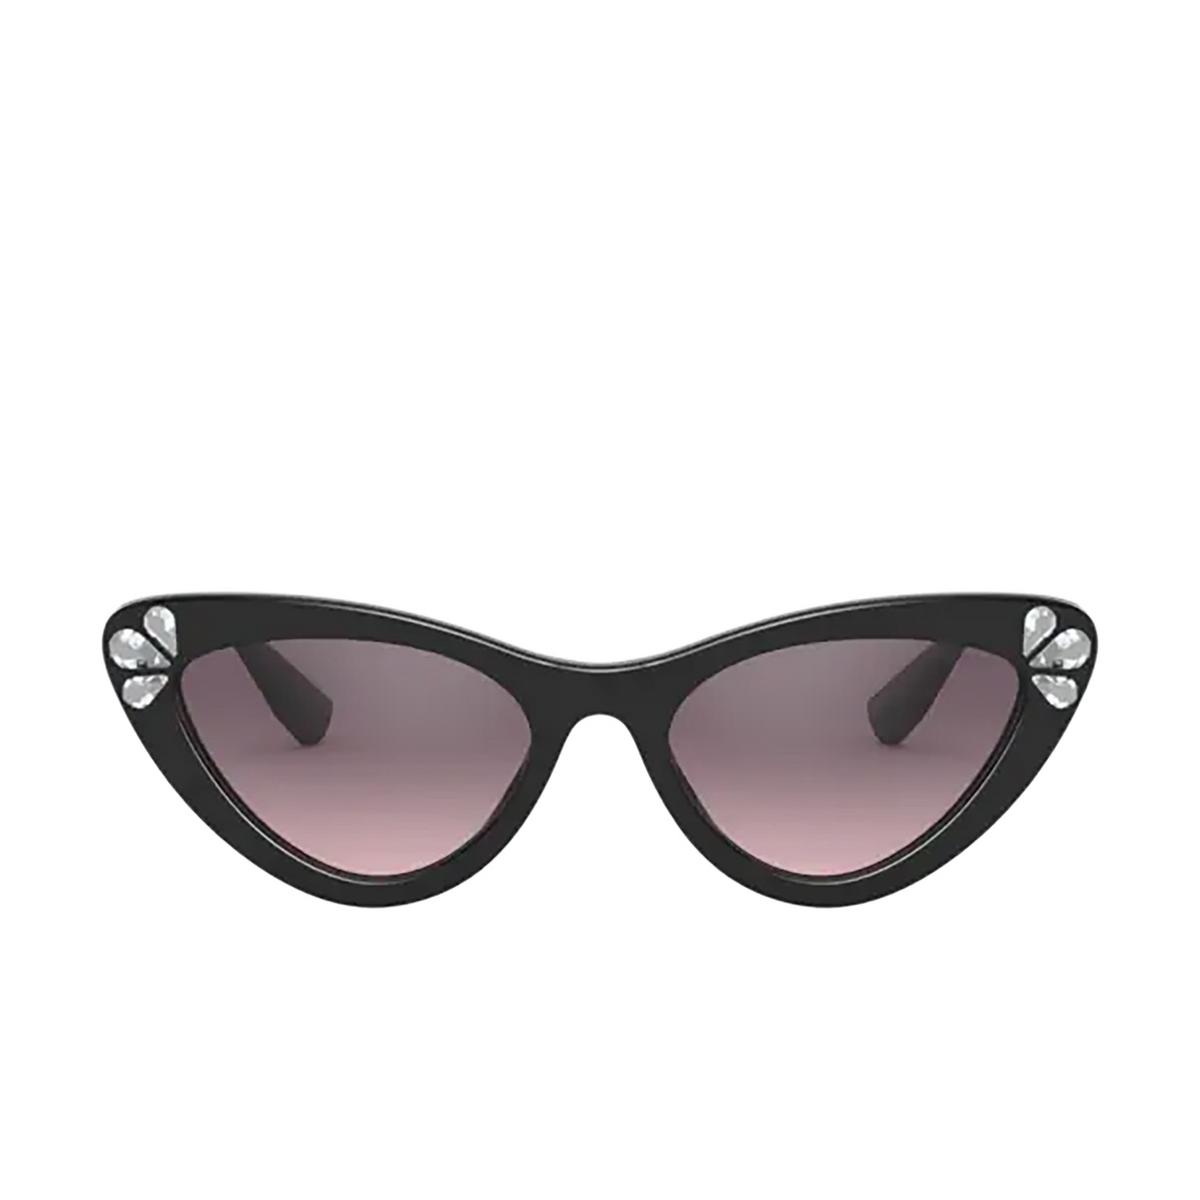 Miu Miu® Cat-eye Sunglasses: MU 01VS color Black 152146.